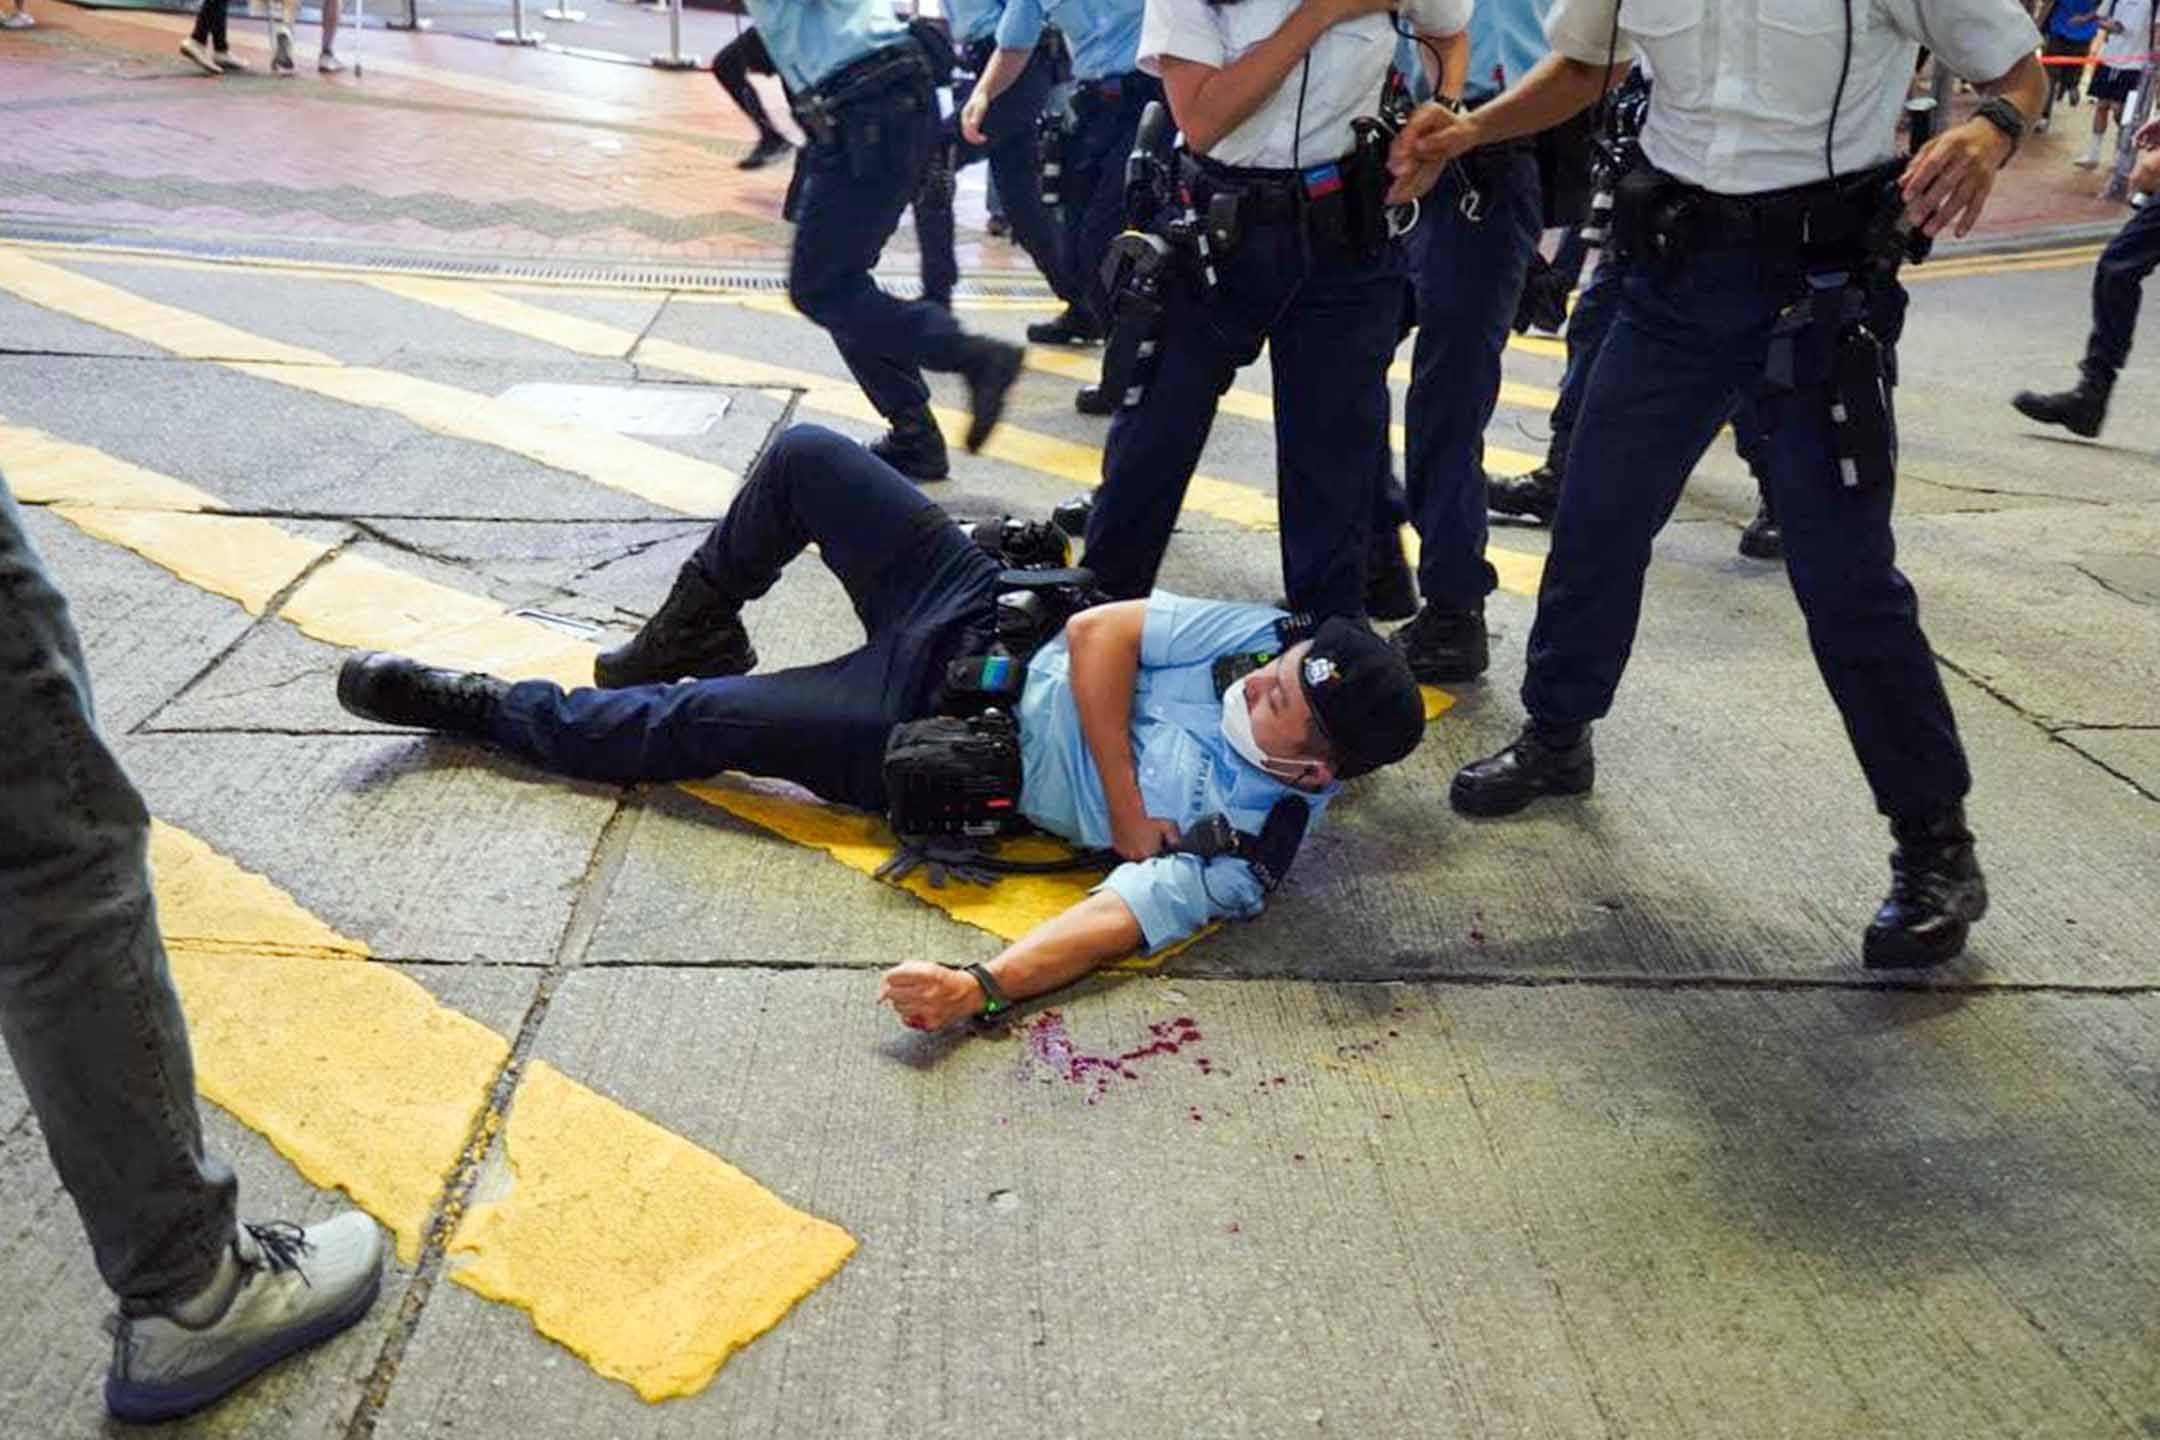 2021年7月1日香港銅鑼灣,一名警員被一名男子用刀刺傷,倒卧地上。 攝:Campus TV HKUSU 香港大學學生會校園電視